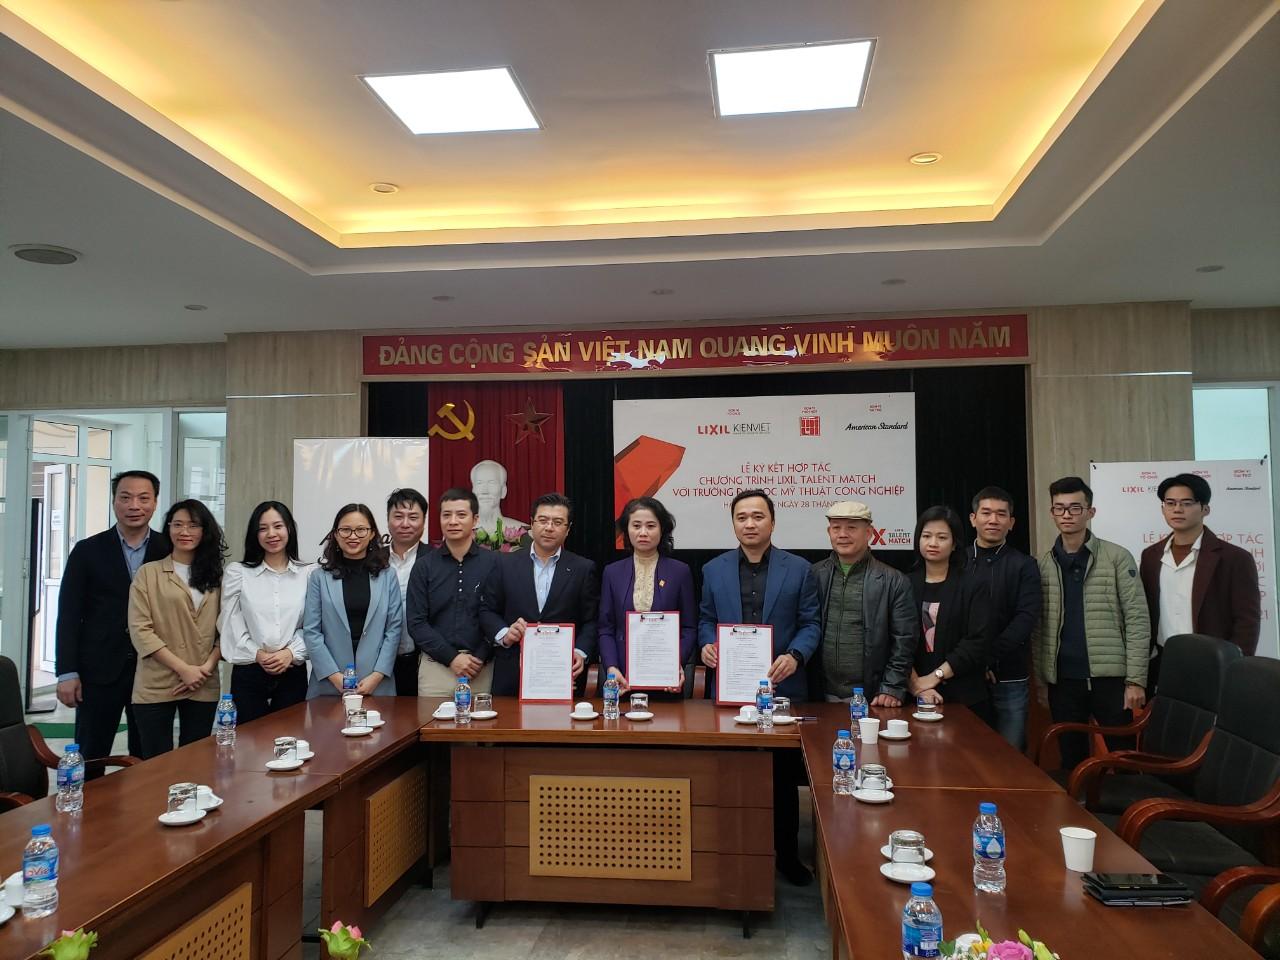 Ông Nguyễn Trường Chinh và Ông Vương Đạo Hoàng đại diện các bên ký kết Thỏa thuận hợp tác Chương trình LIXIL Talent Match